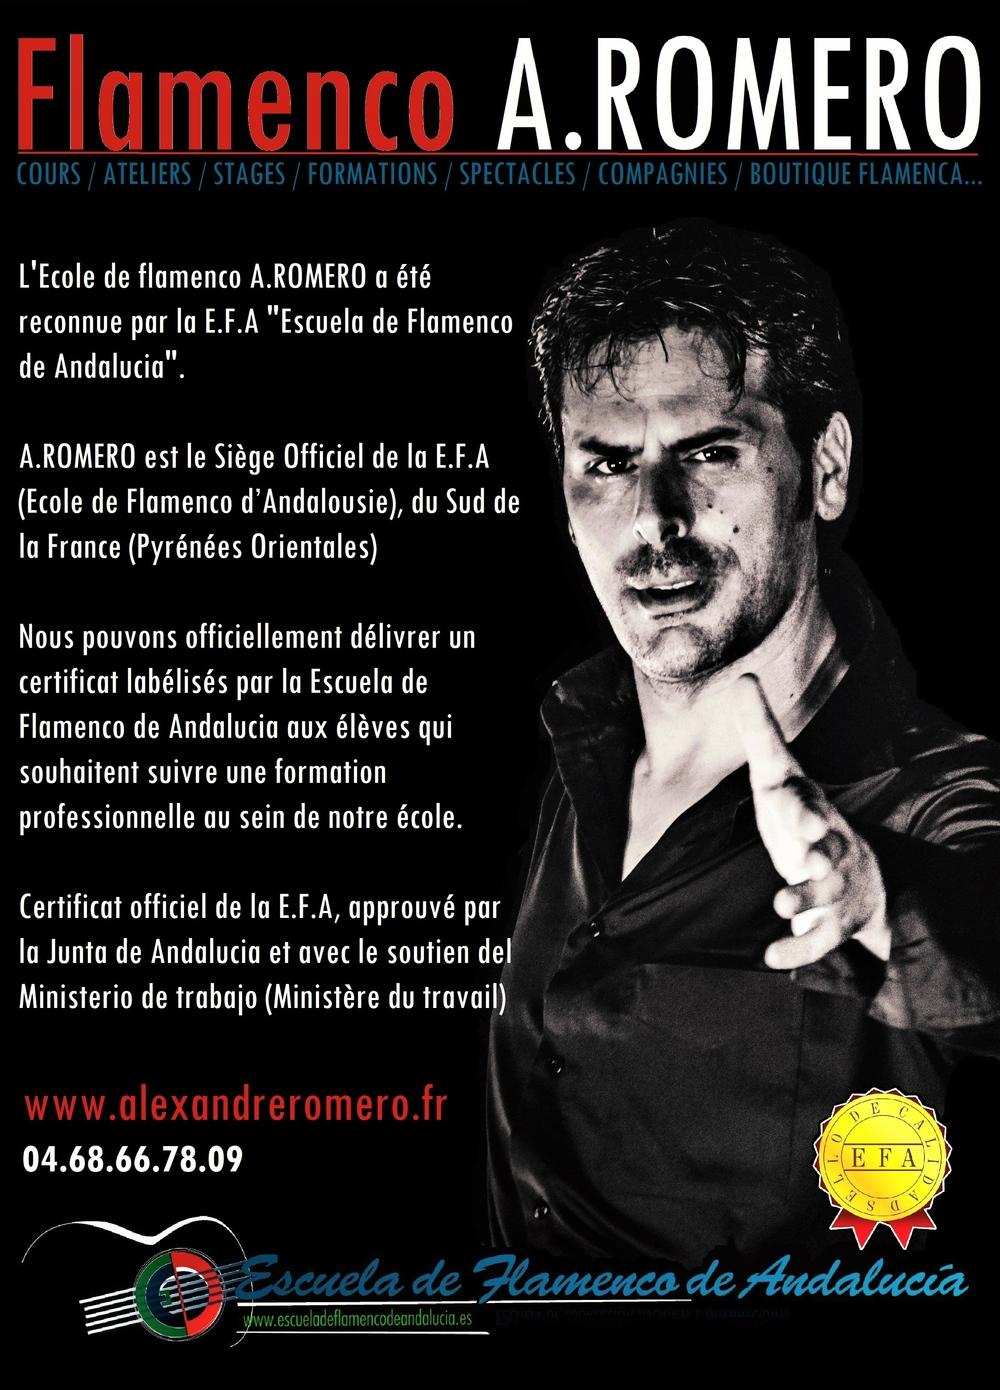 Flamenco_Alexandre_Romero_-_EFA_2019